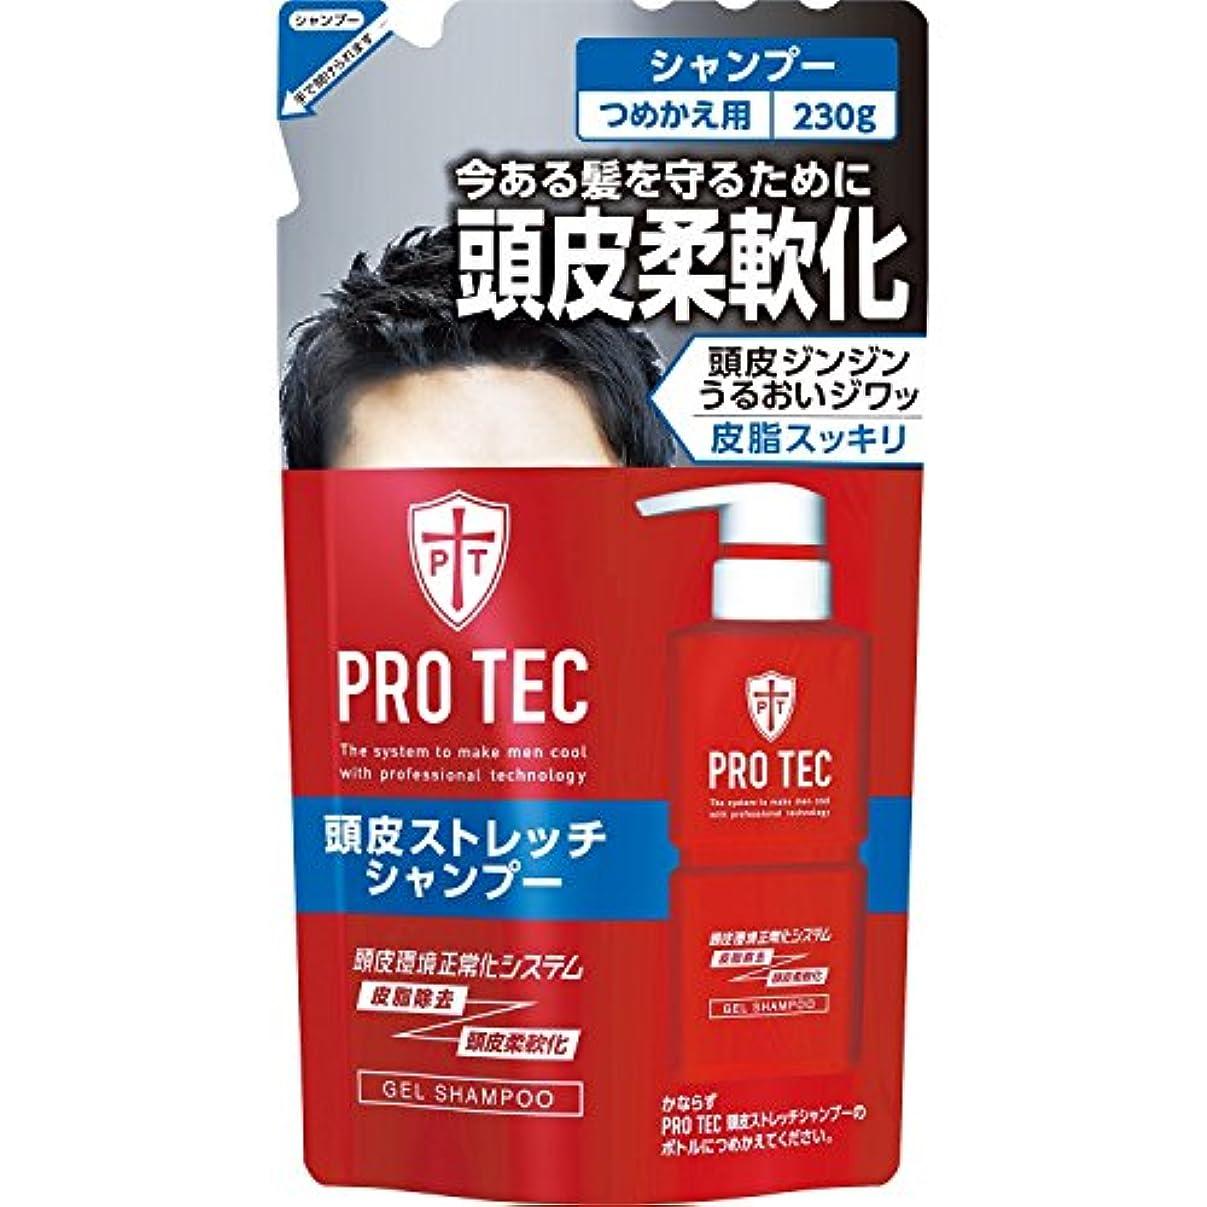 財産海賊明るいPRO TEC(プロテク) 頭皮ストレッチ シャンプー 詰め替え 230g(医薬部外品)